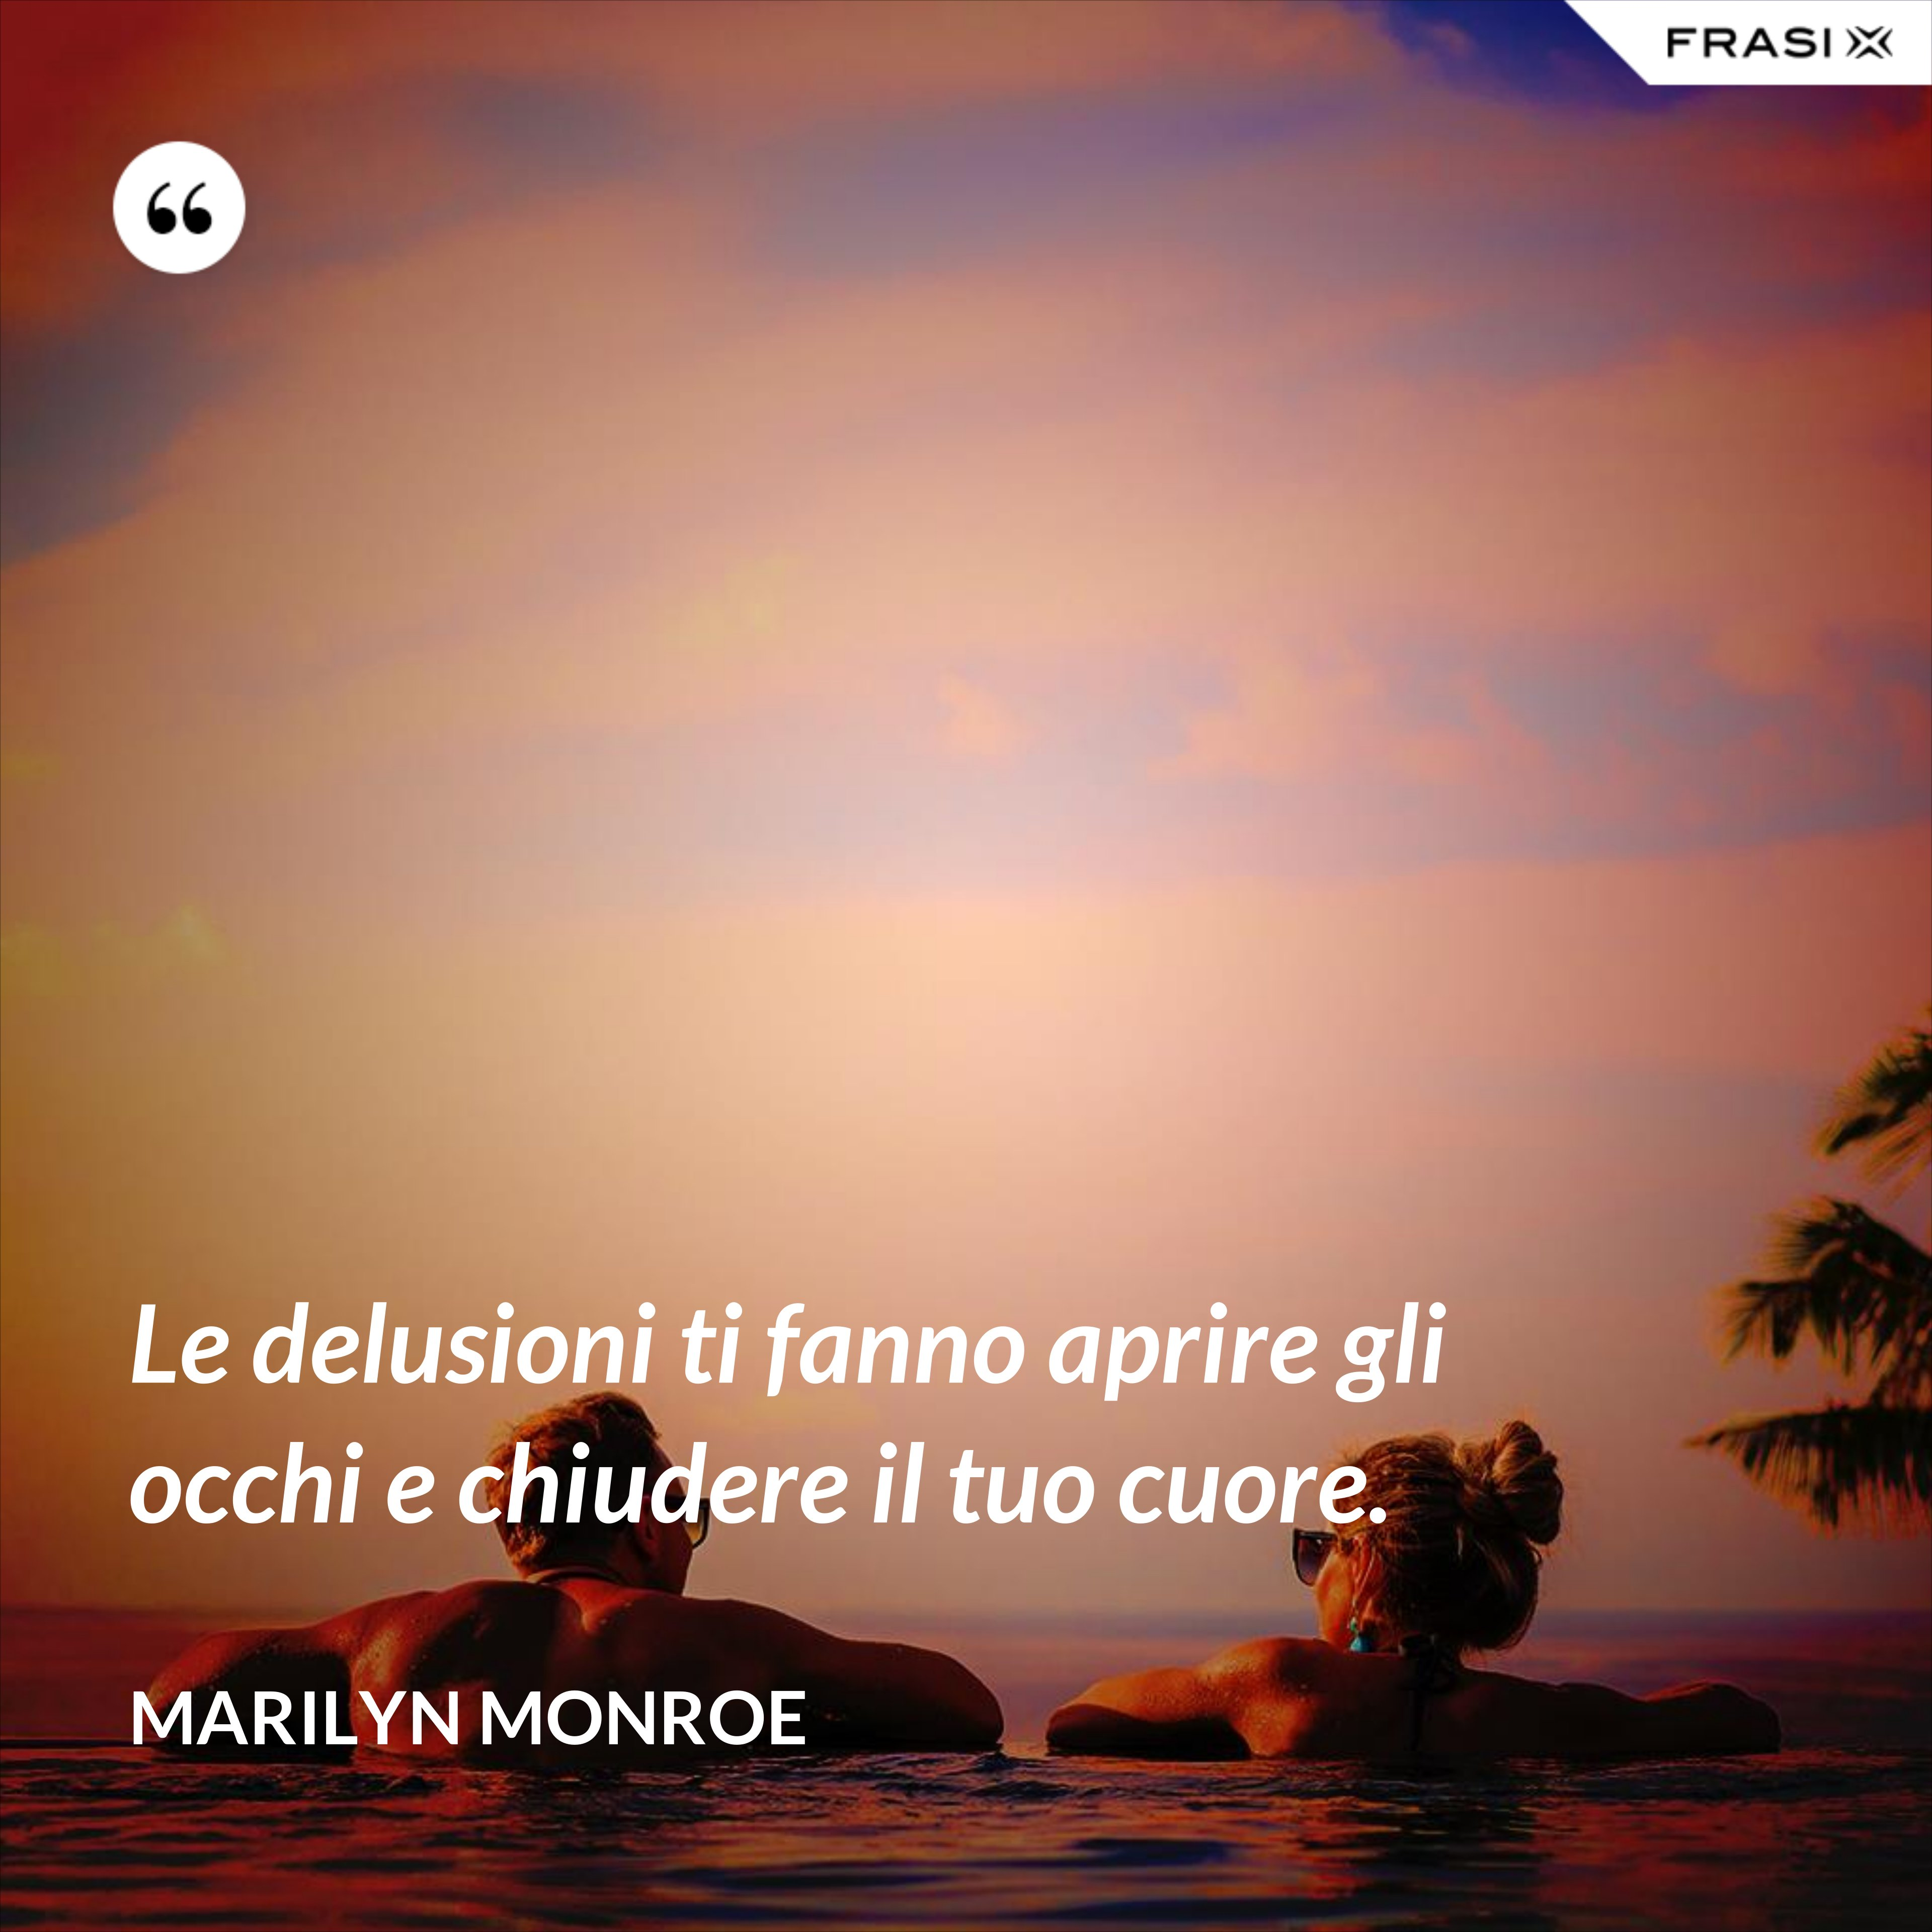 Le delusioni ti fanno aprire gli occhi e chiudere il tuo cuore. - Marilyn Monroe